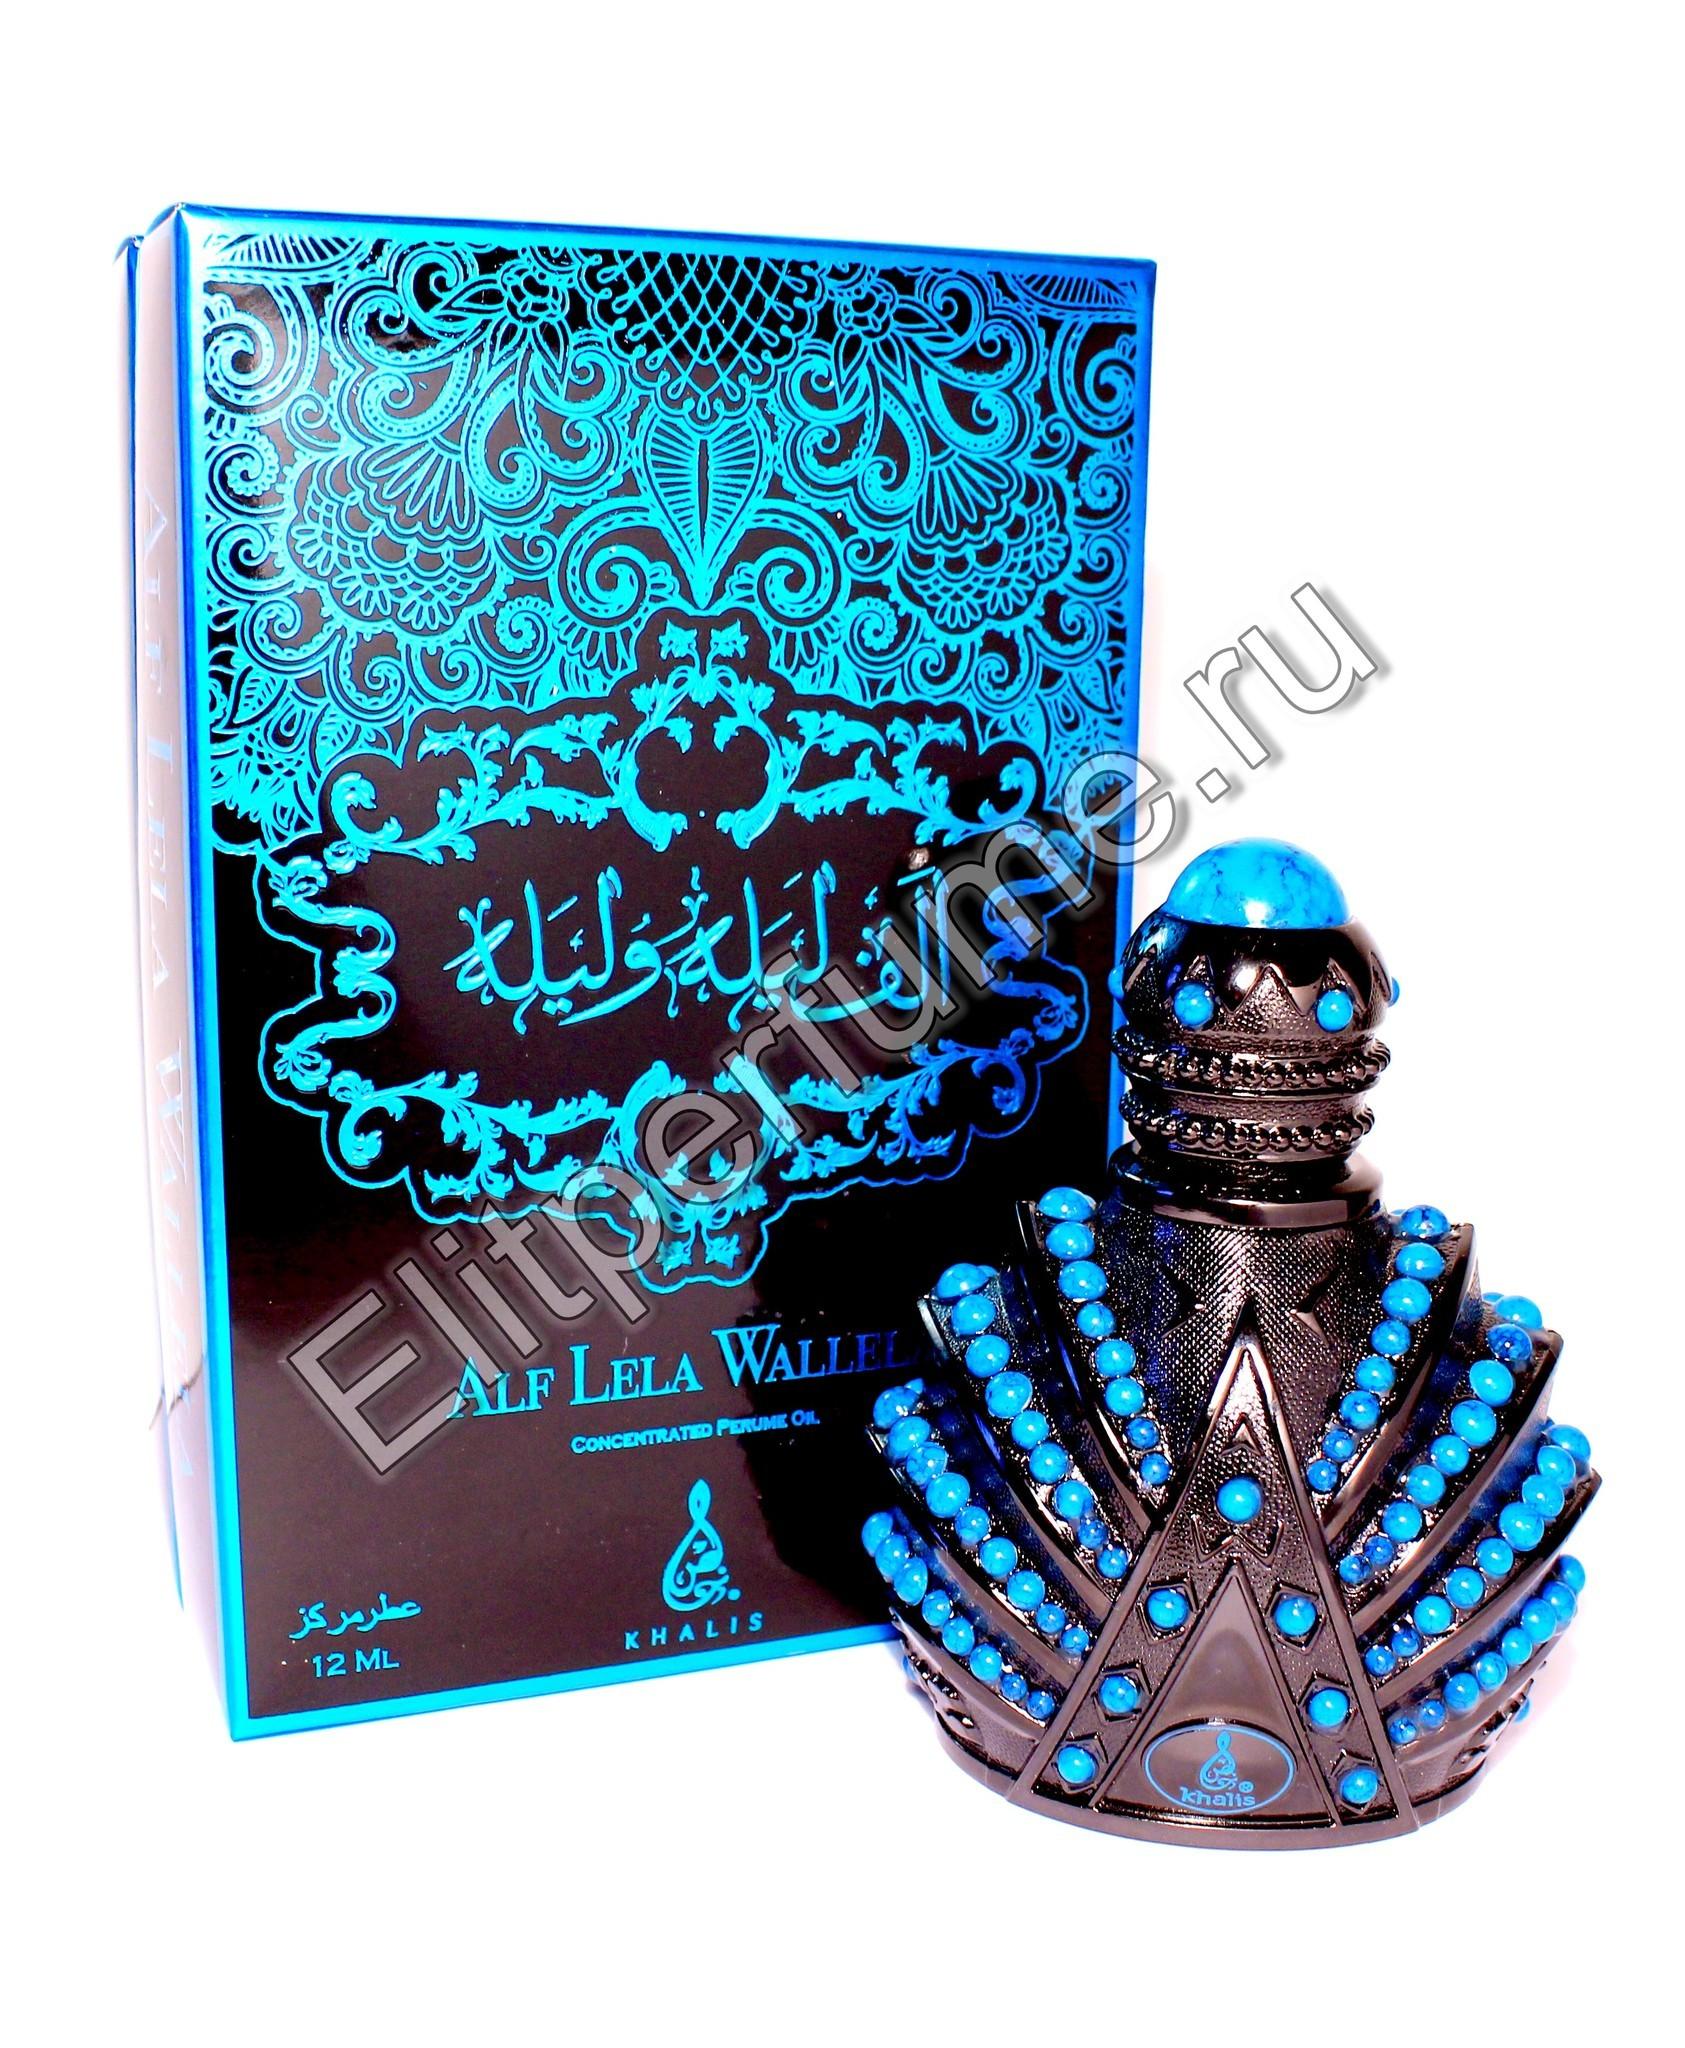 Пробник для Alf Lella Wallela / Альф Лейла Велела 1 мл арабские масляные духи от Халис Khalis Perfumes